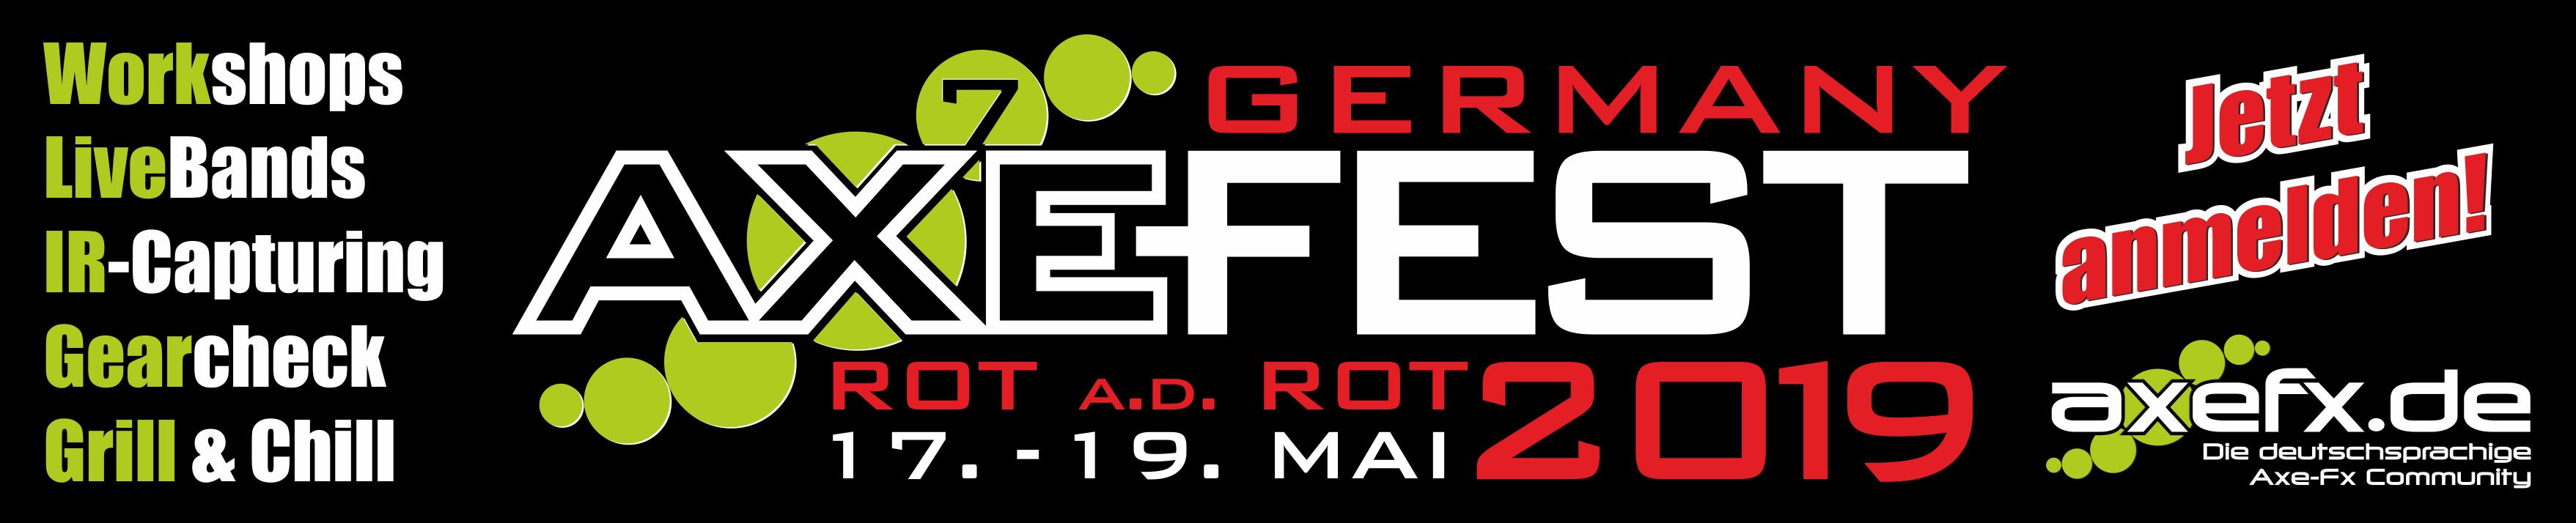 Axe-Fest 2019